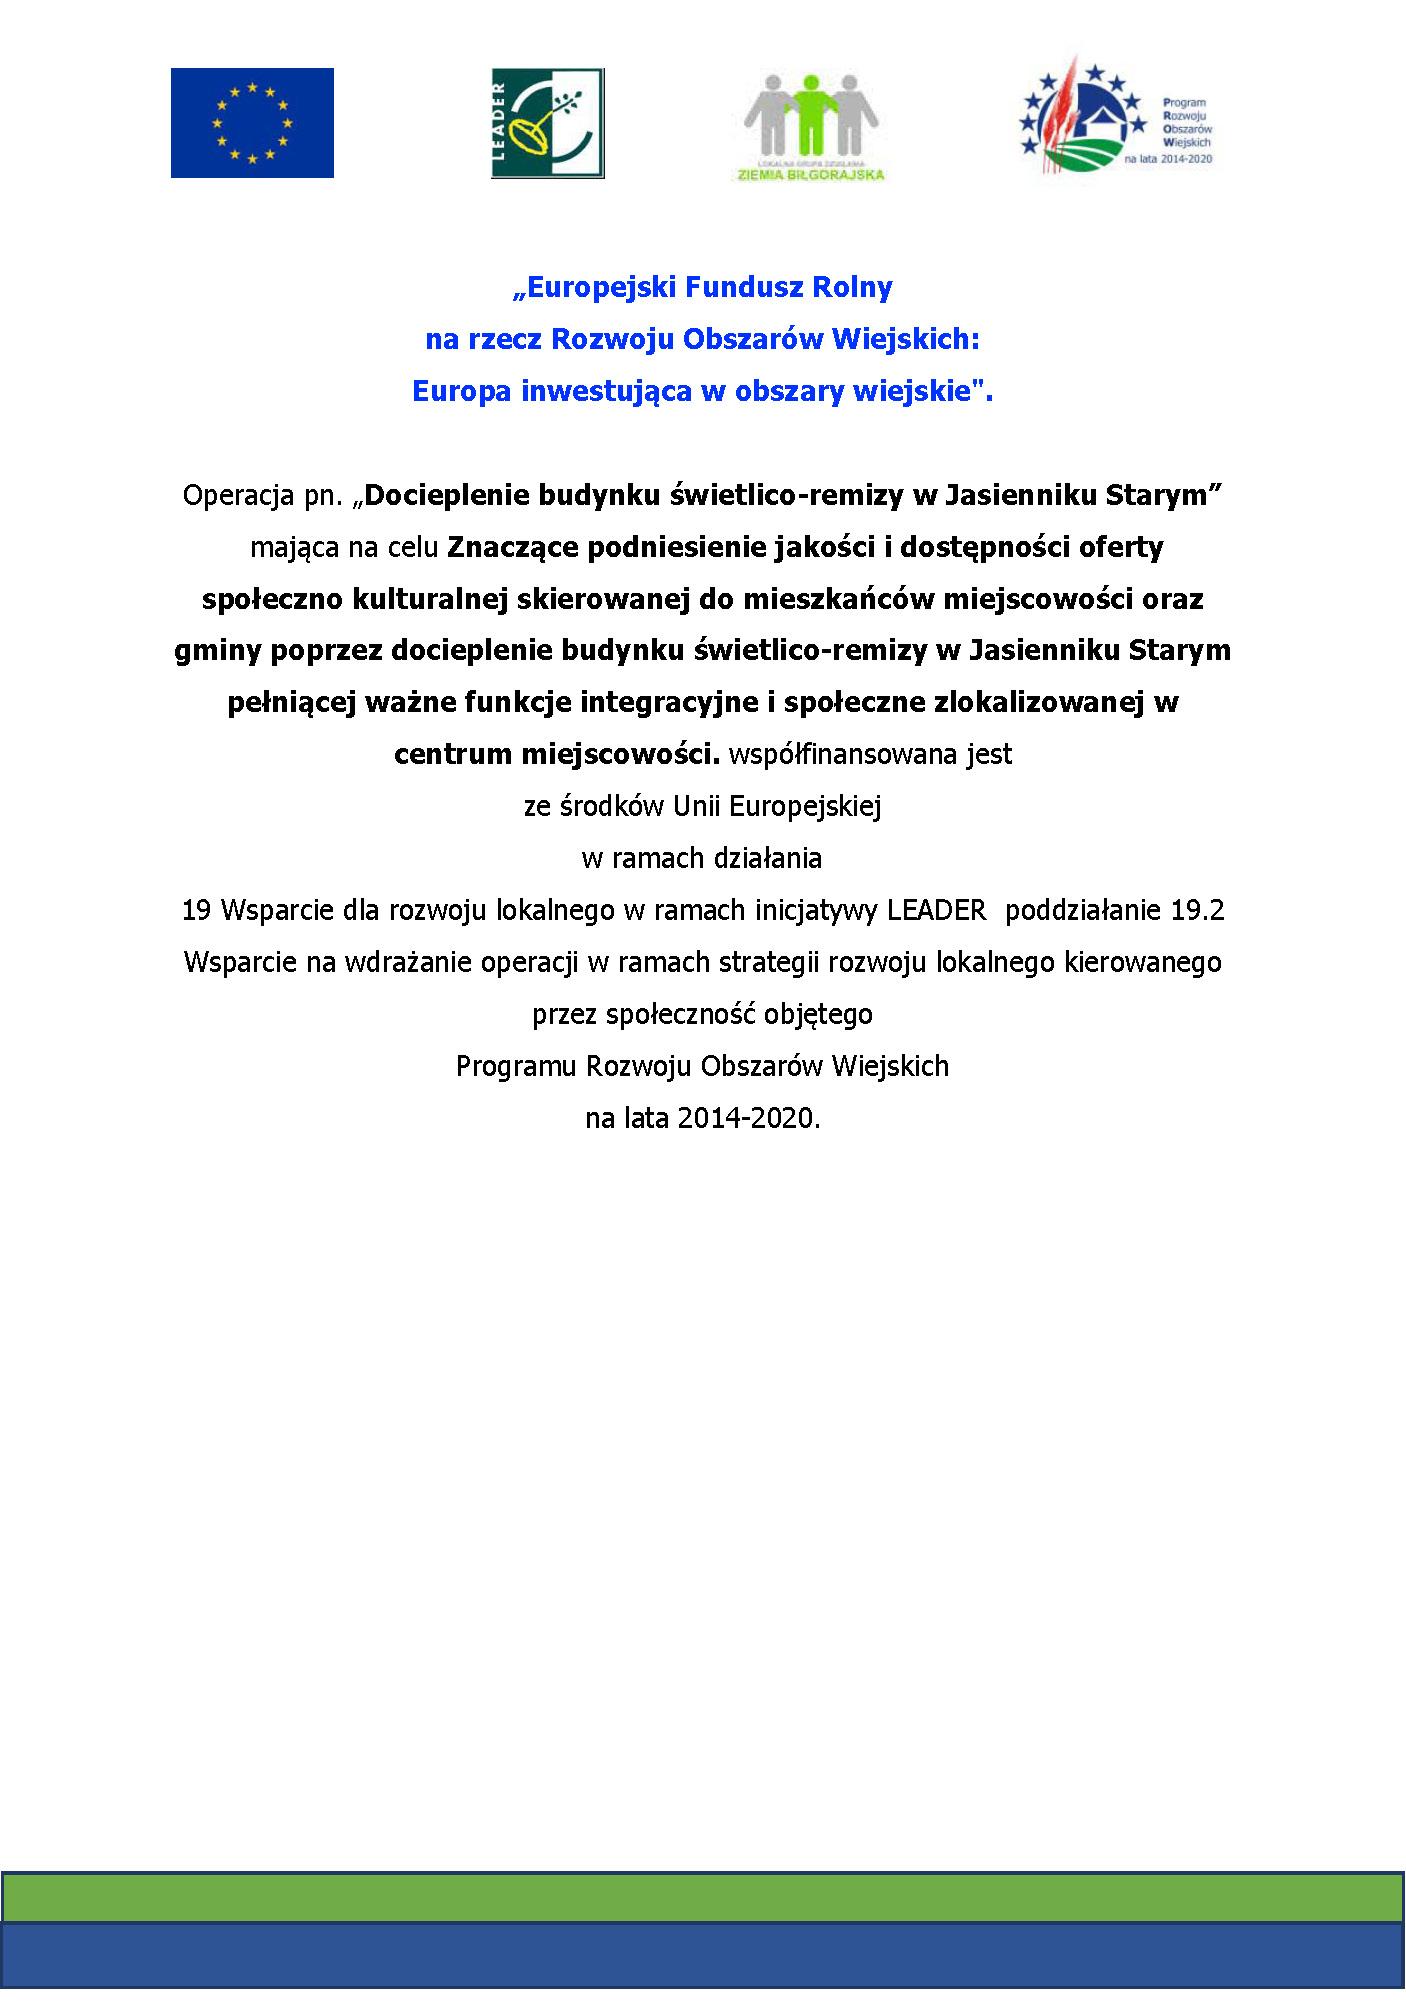 Plakat z logotypami dofinansowania i teksem Program Rozwoju Obszarów Wiejskich na lata 2014-2020 ZIEMIA BILGORAJSKA